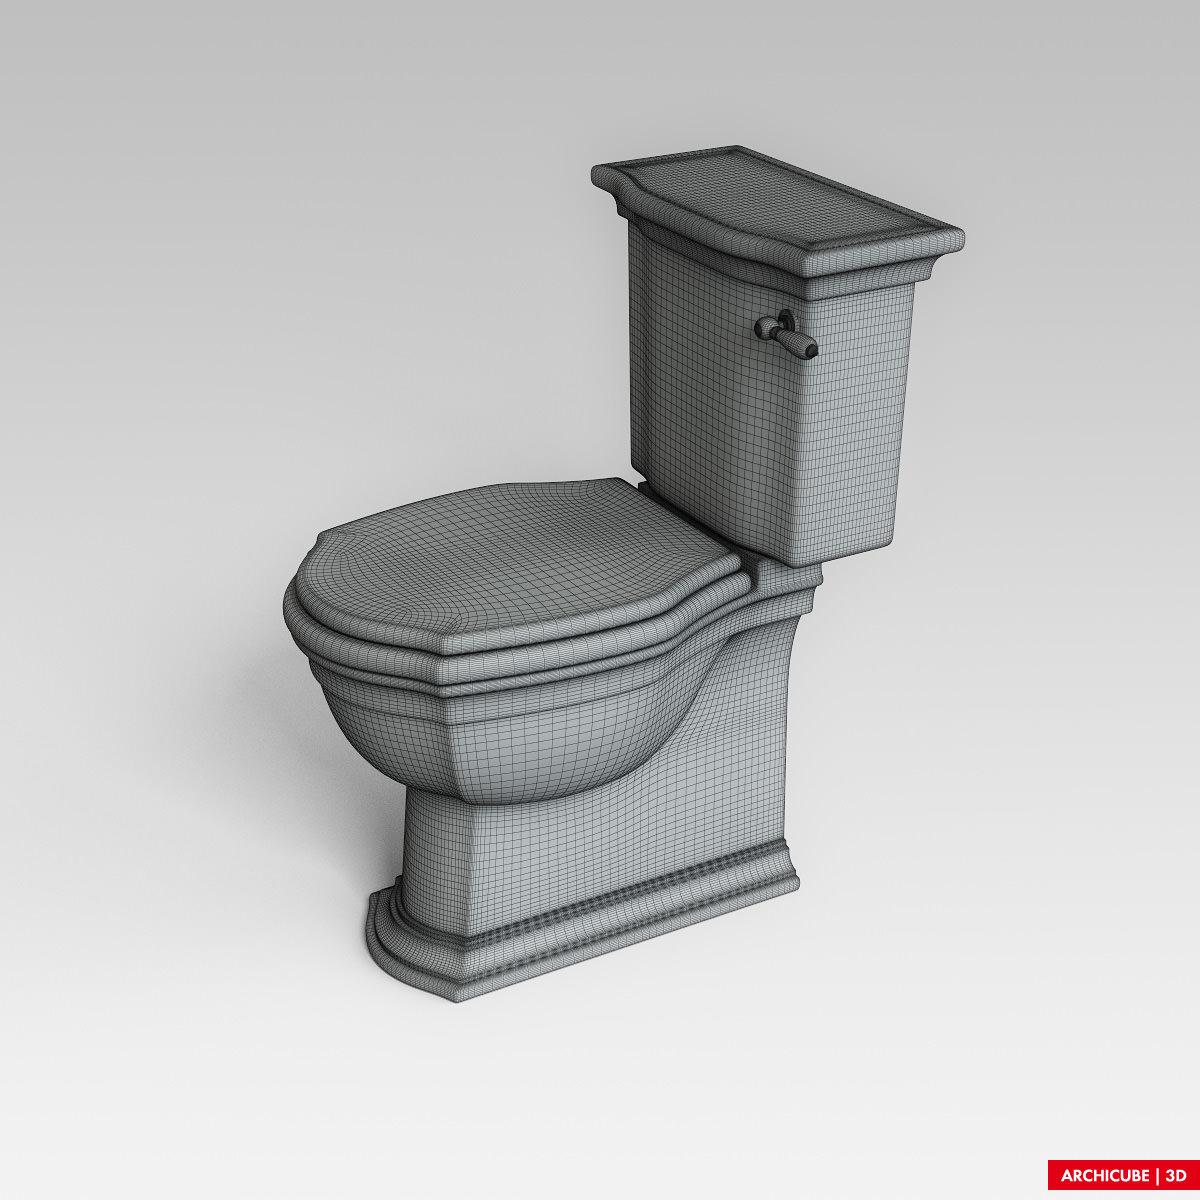 Toilet wc 3d model max obj fbx - Toilet model ...